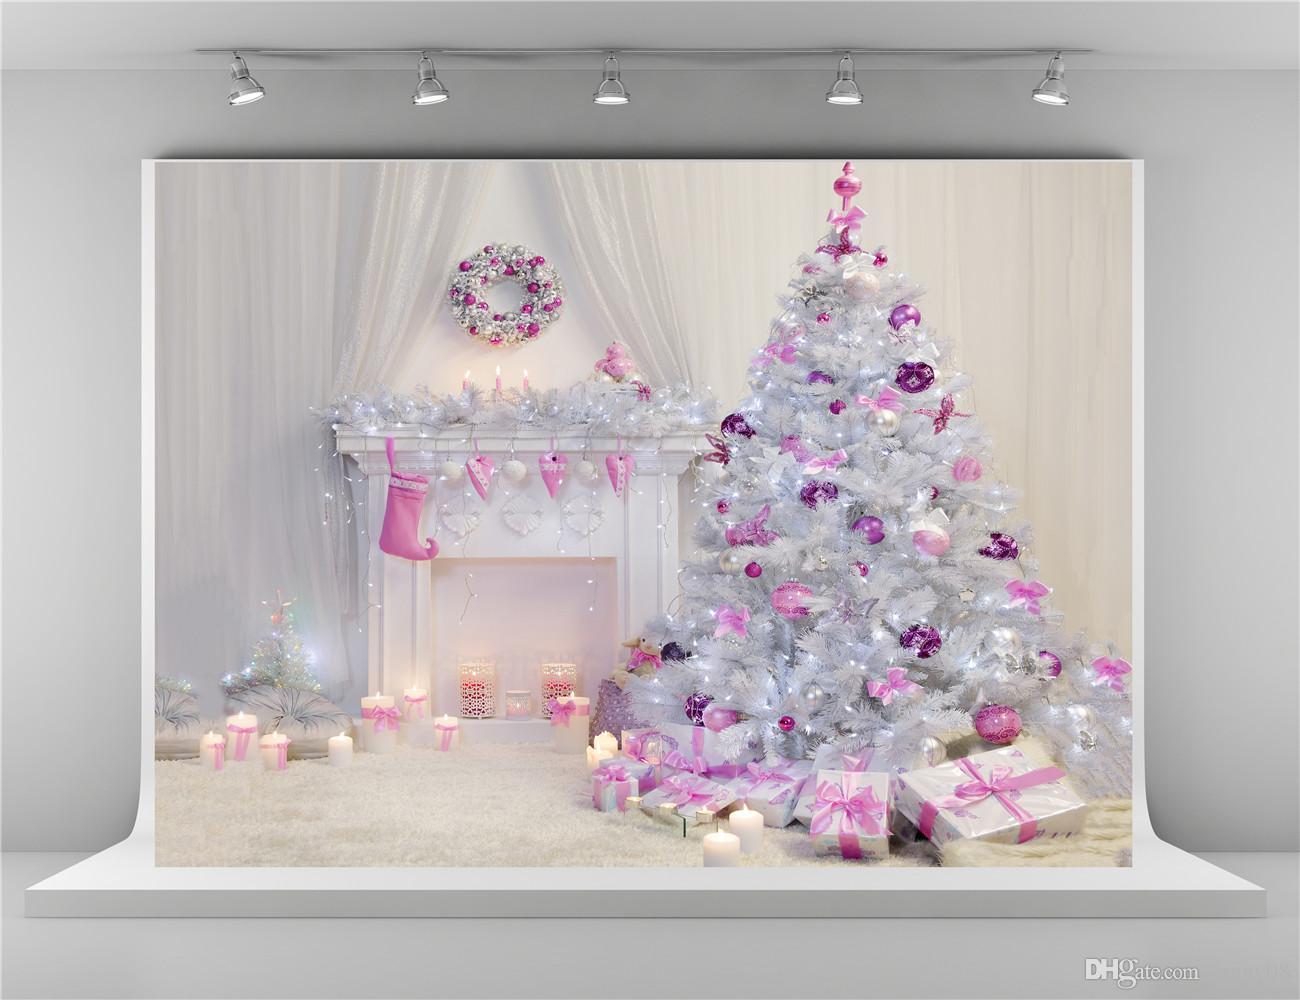 Fondos De Estudio Fotografico De Navidad Blanca 7x5 Pies De Arbol De Navidad Interior Telon De Fondo Blanco Para Arrugas De Fotografia Gratis